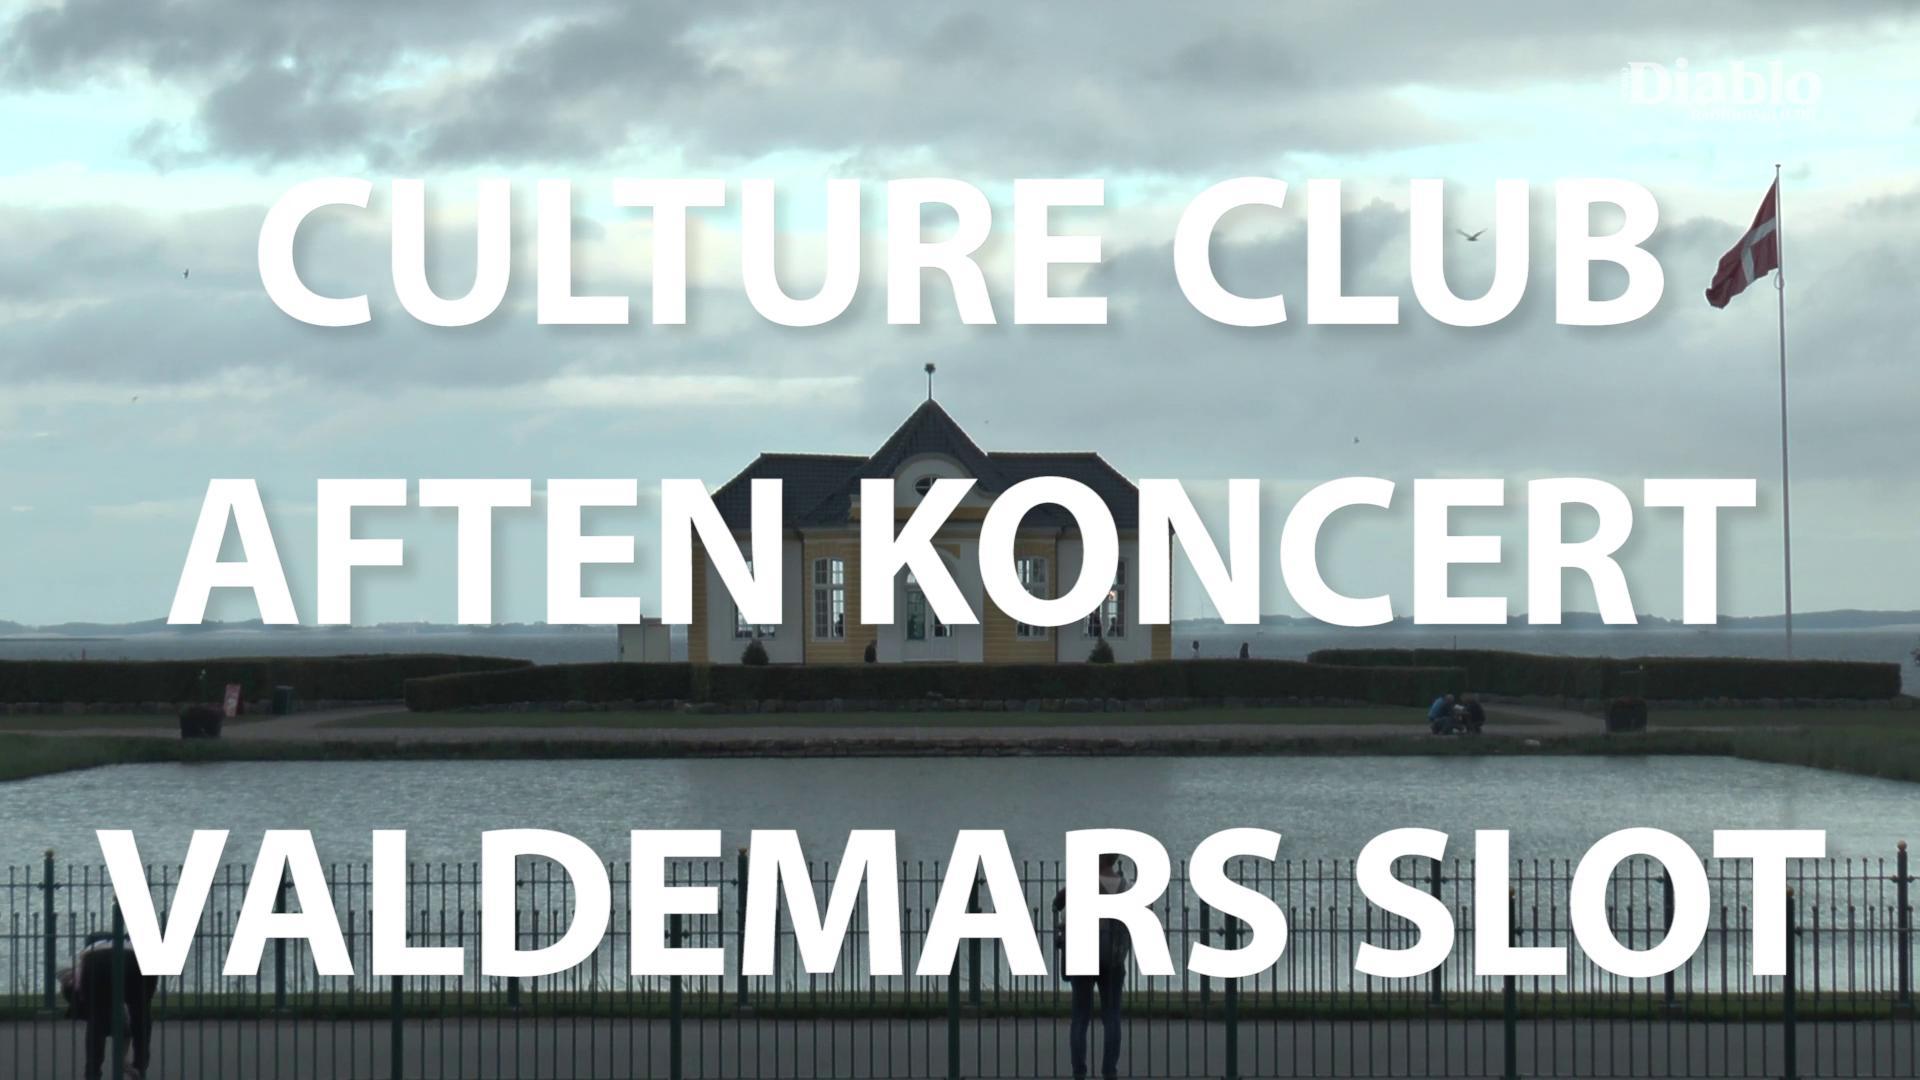 Kommerciel Reportagefilm fra Aften koncert på Valdemars Slot